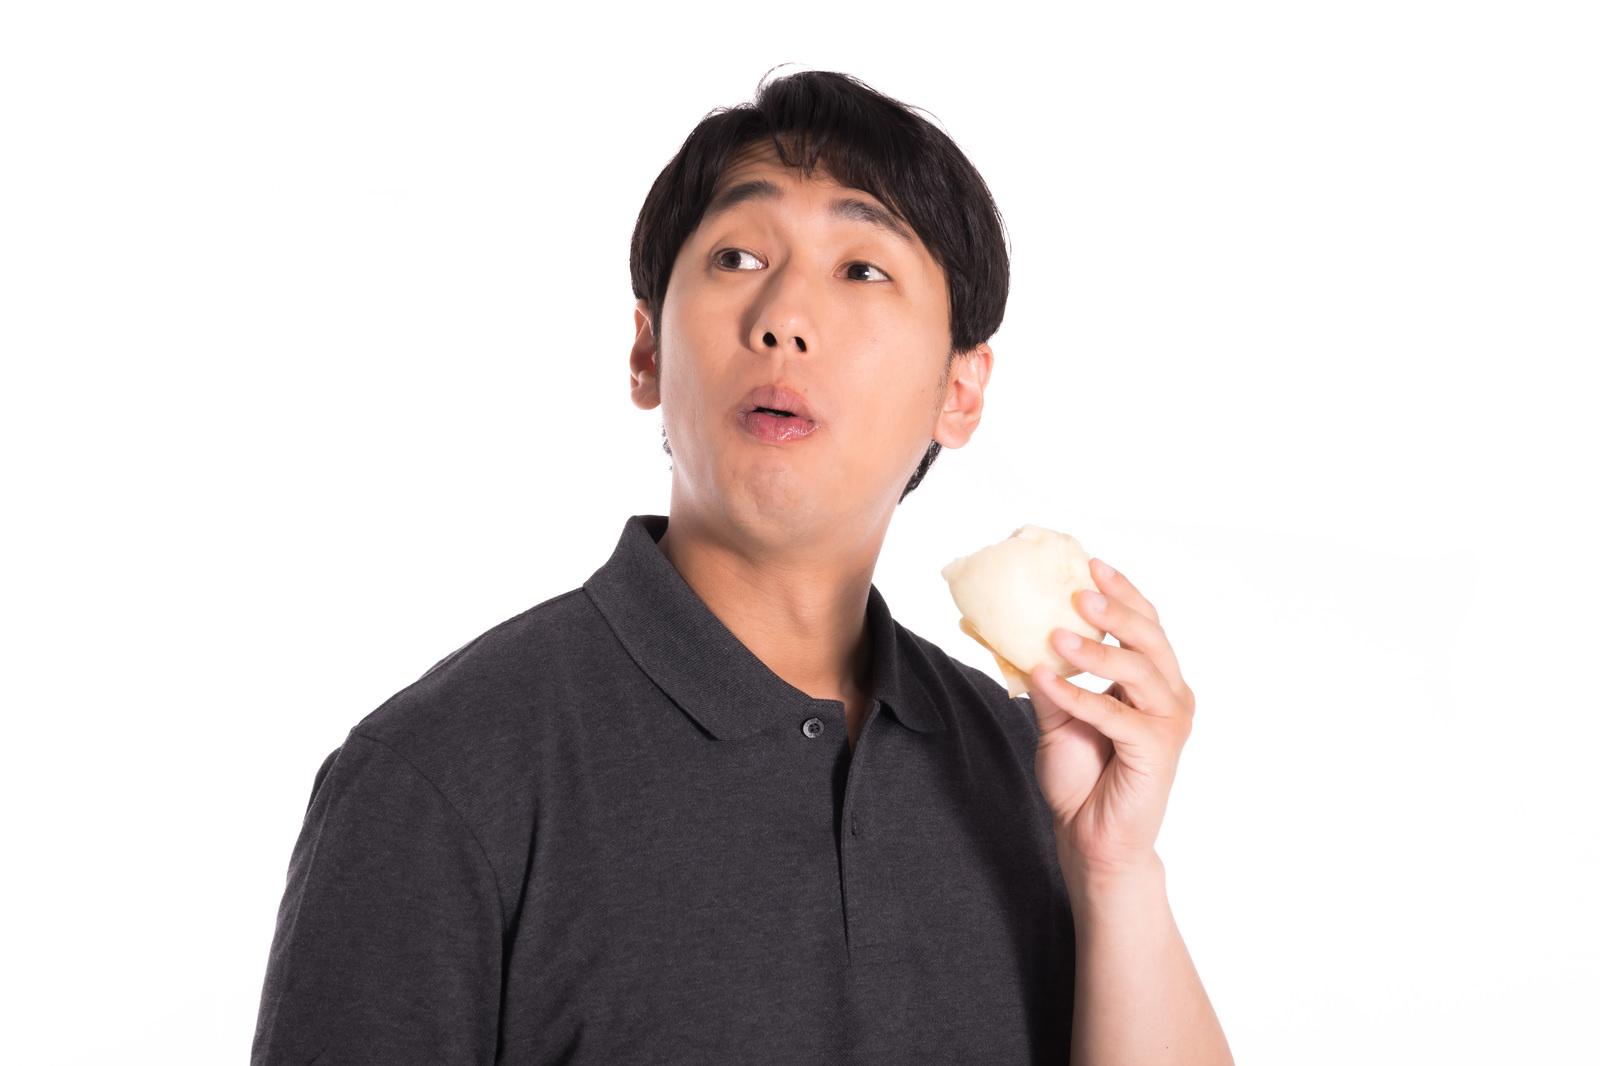 「時間を忘れて豚まんを頬張る男性」の写真[モデル:大川竜弥]